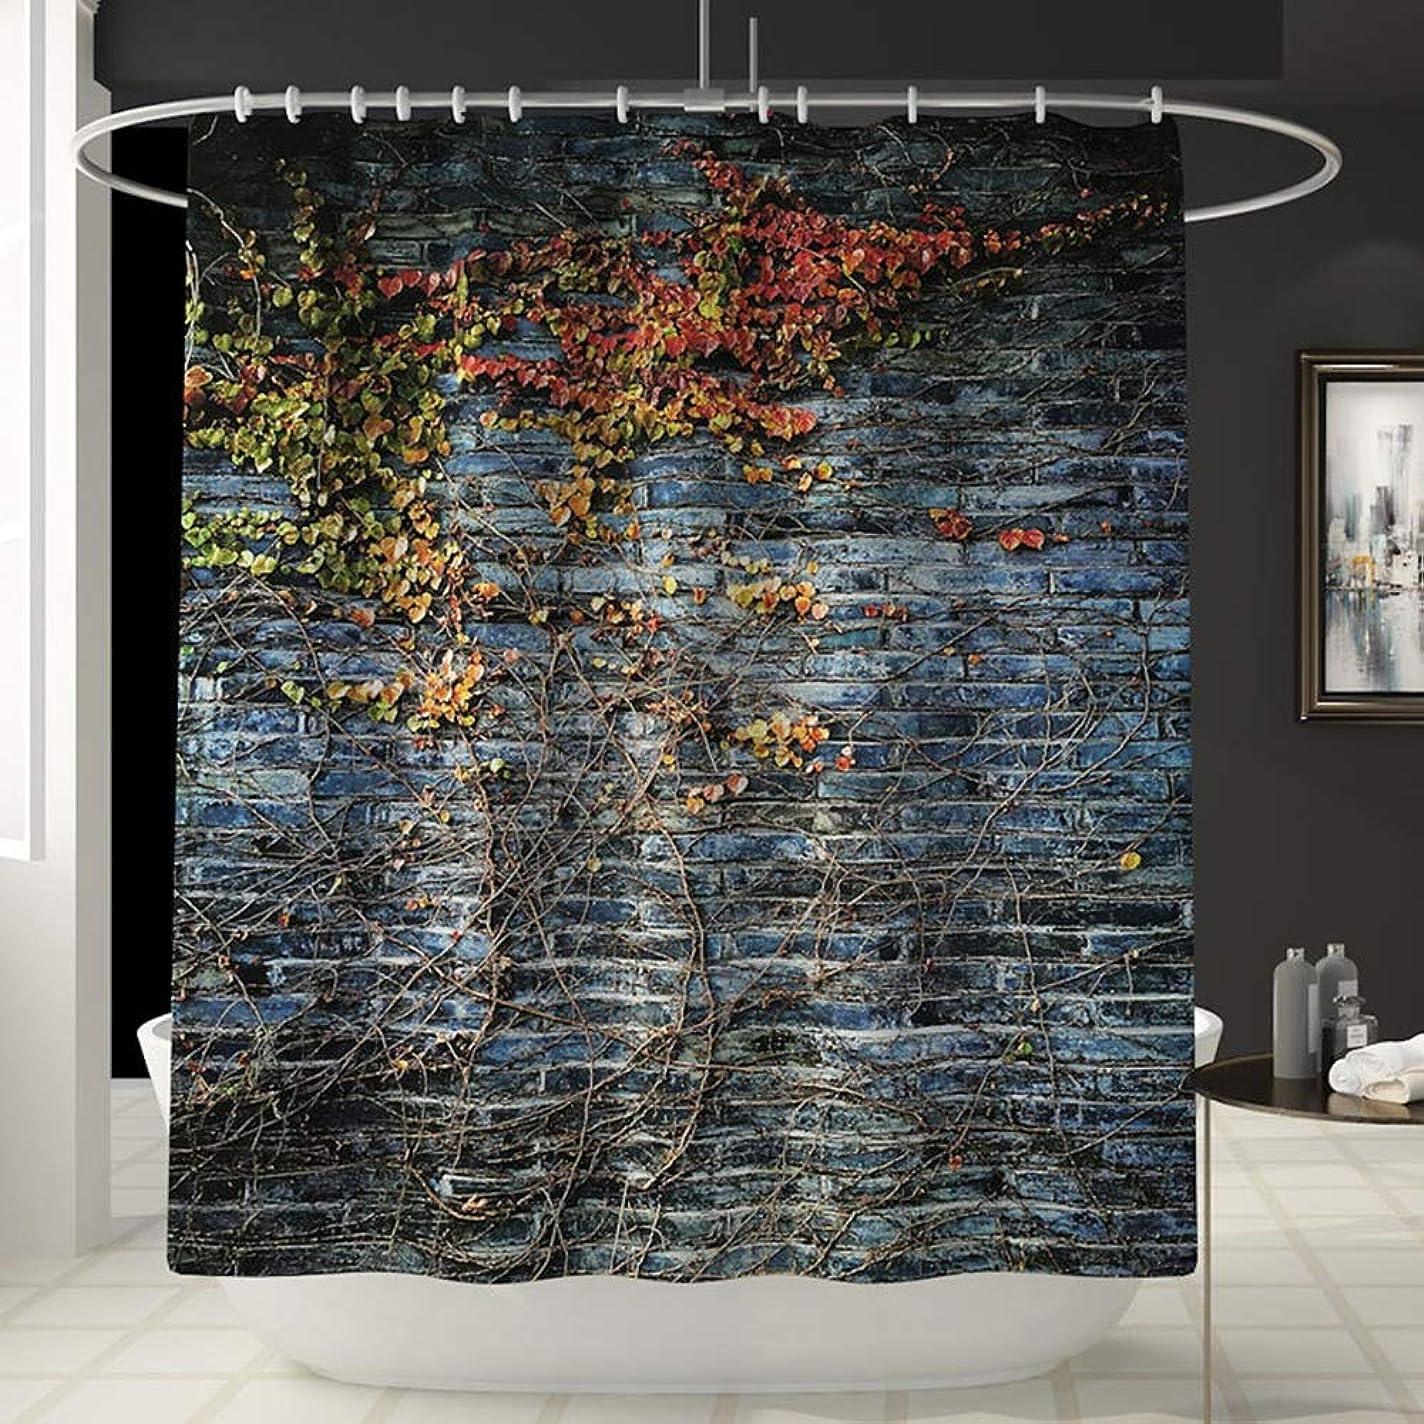 スクリューベギン大破壁パターン楽しいシャワーカーテン風呂アカウントバスルーム防水カーテンバスタブは衰退しません汎用性の高い快適なシャワーカーテン180センチ* 180センチ洗濯機 フェンコー